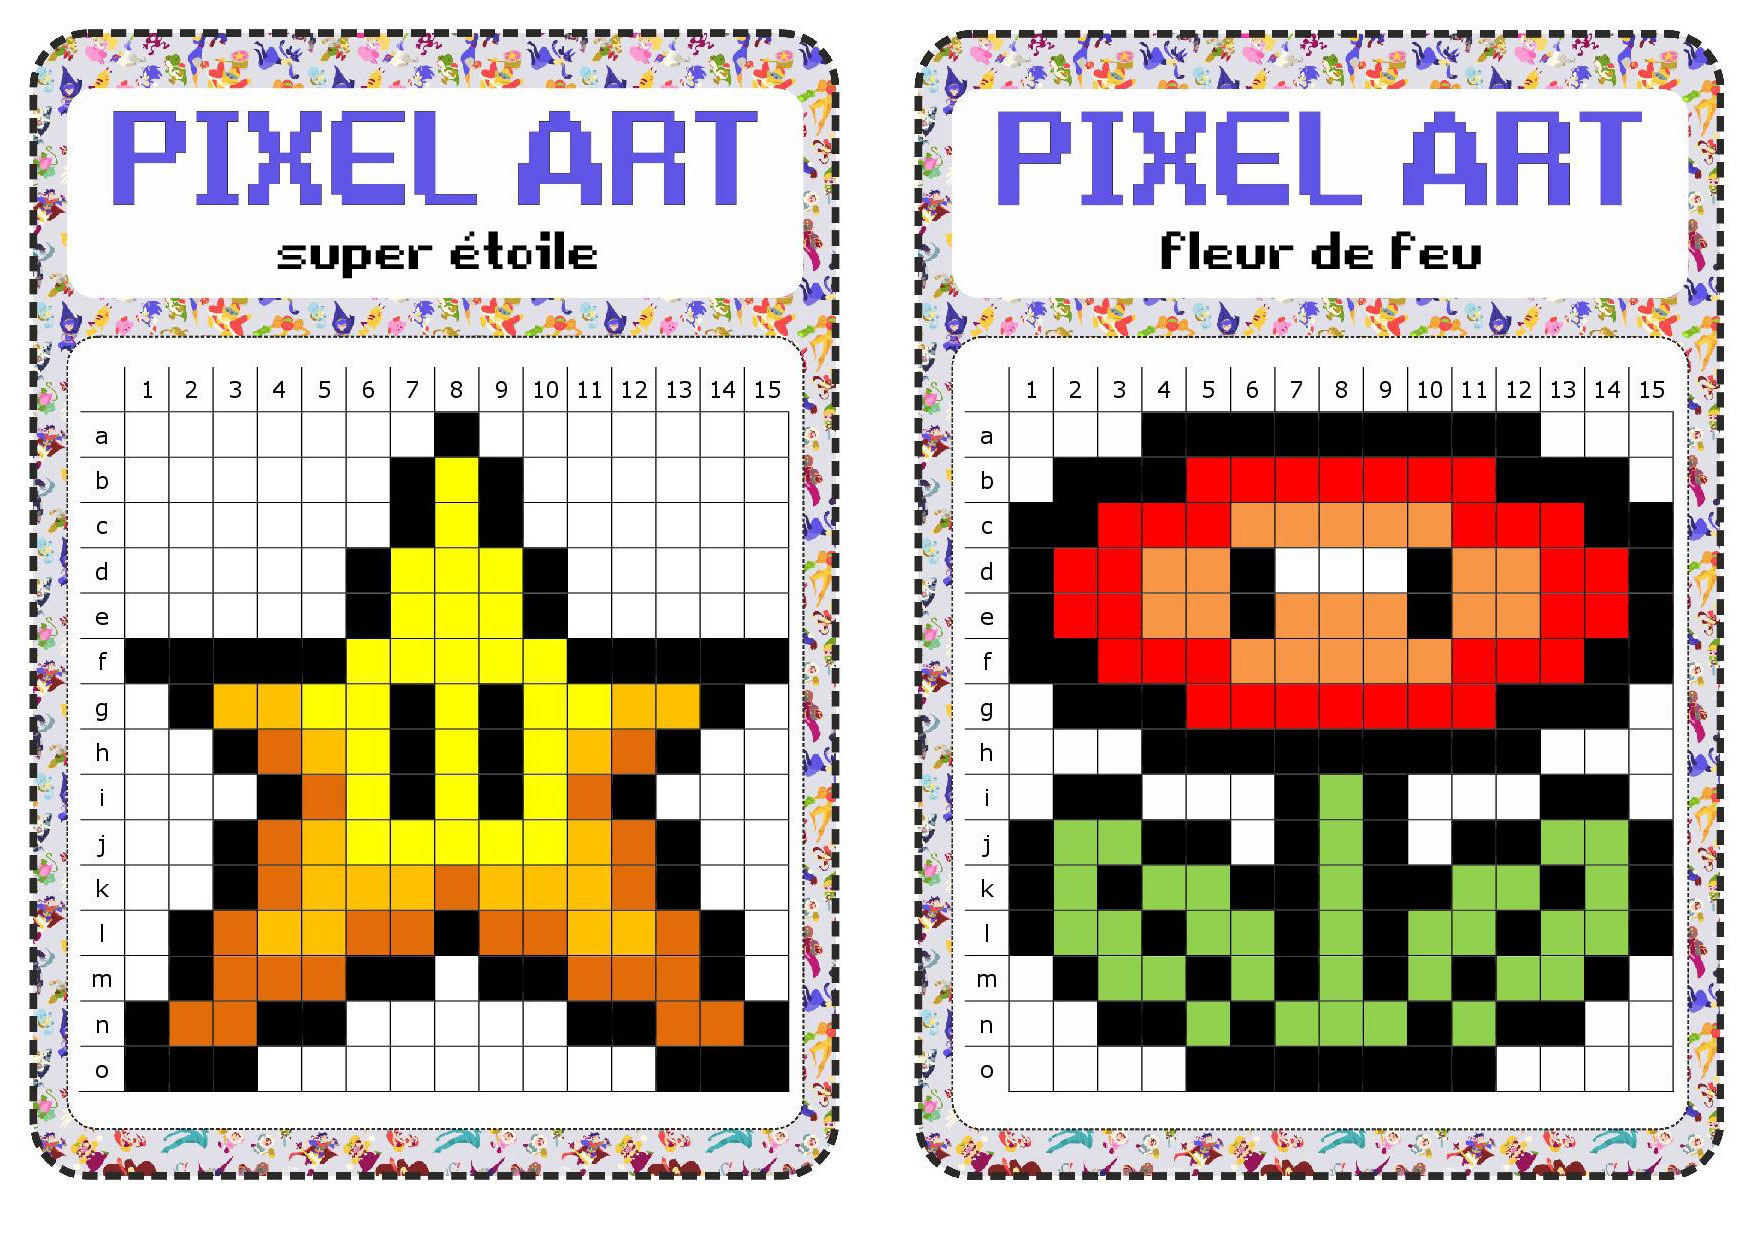 Atelier Libre : Pixel Art - Fiches De Préparations (Cycle1 tout Coloriage Pixel Gratuit